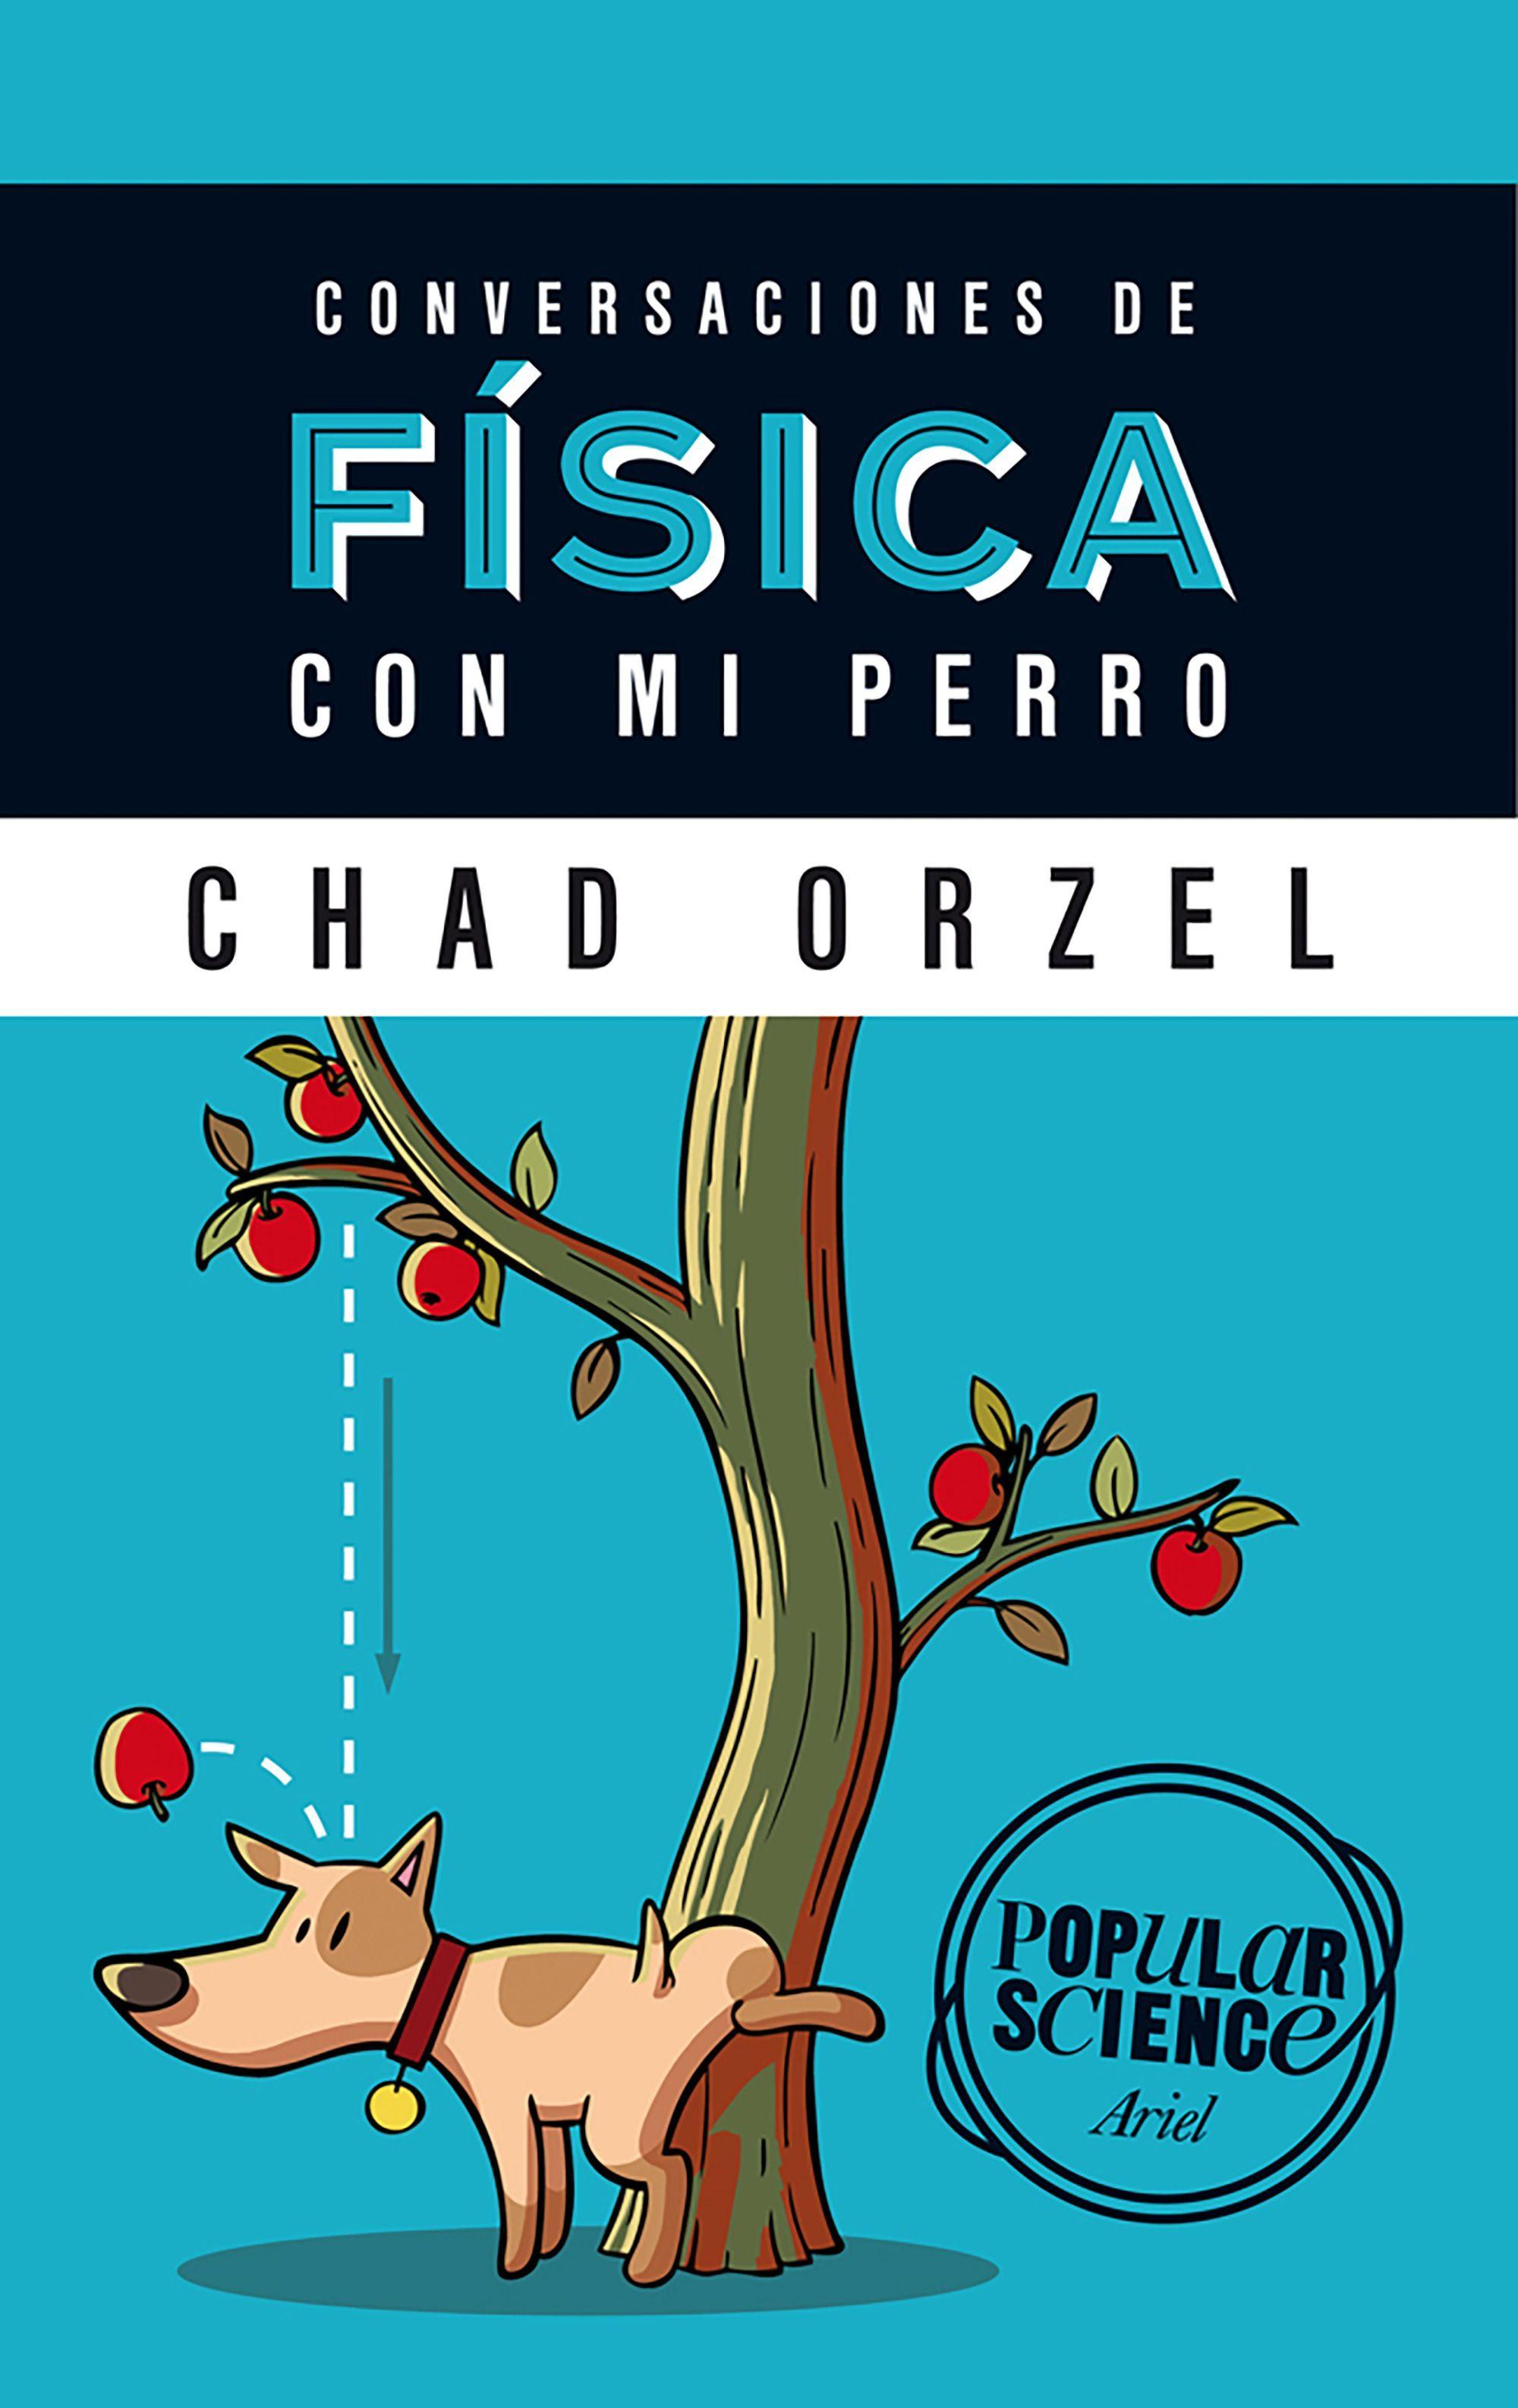 Conversaciones De Fisica Con Mi Perro Chad Orzel 9788434422537 Comprar El Libro Libros De Ciencia Fisica Libros De Psicologia